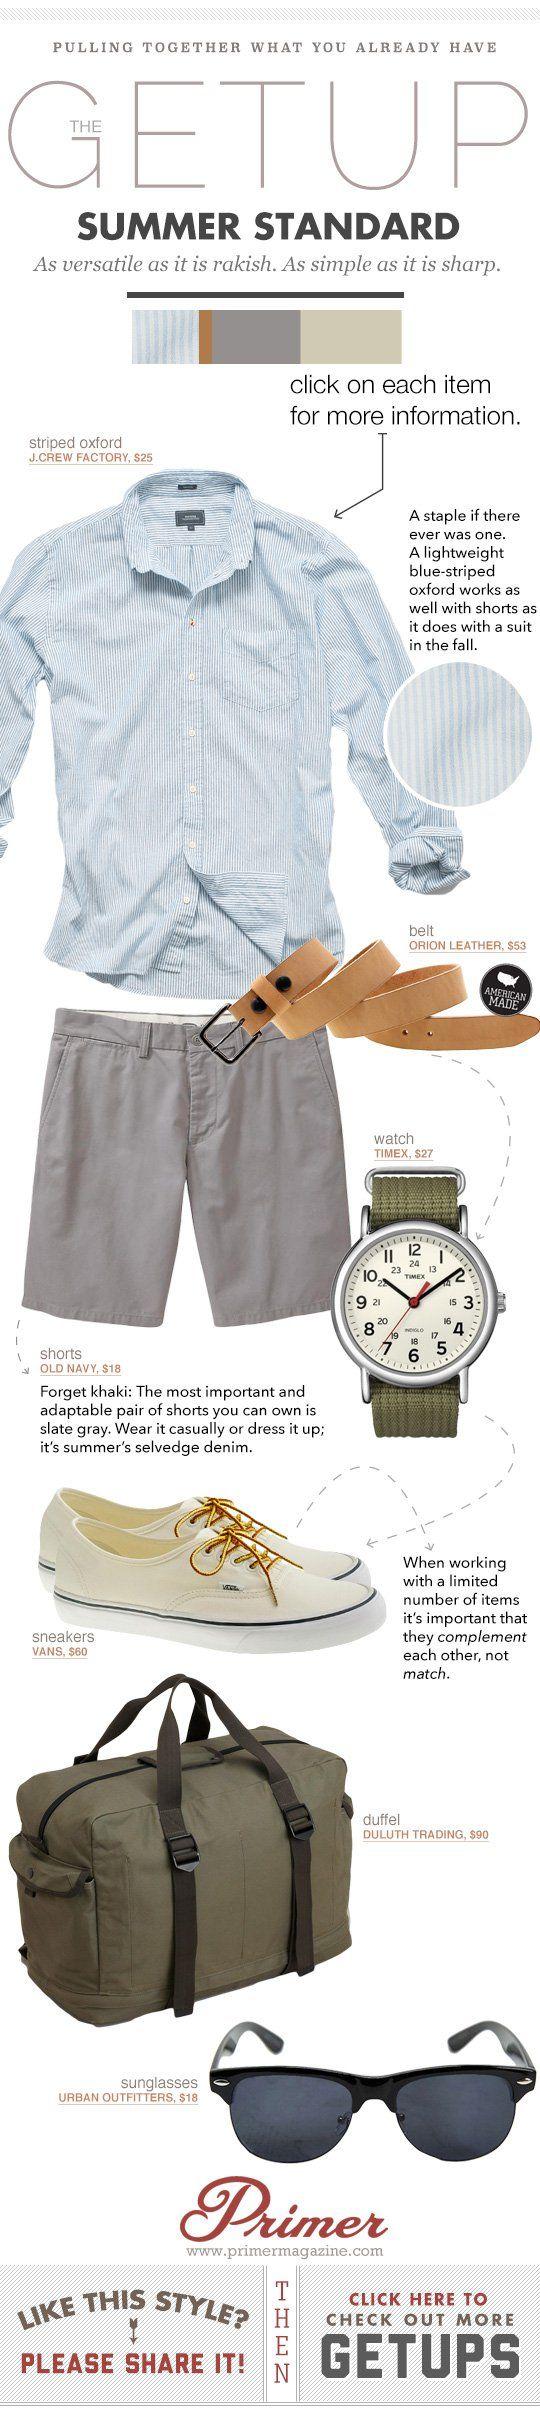 Summer Getup Week: Summer Standard   Primer